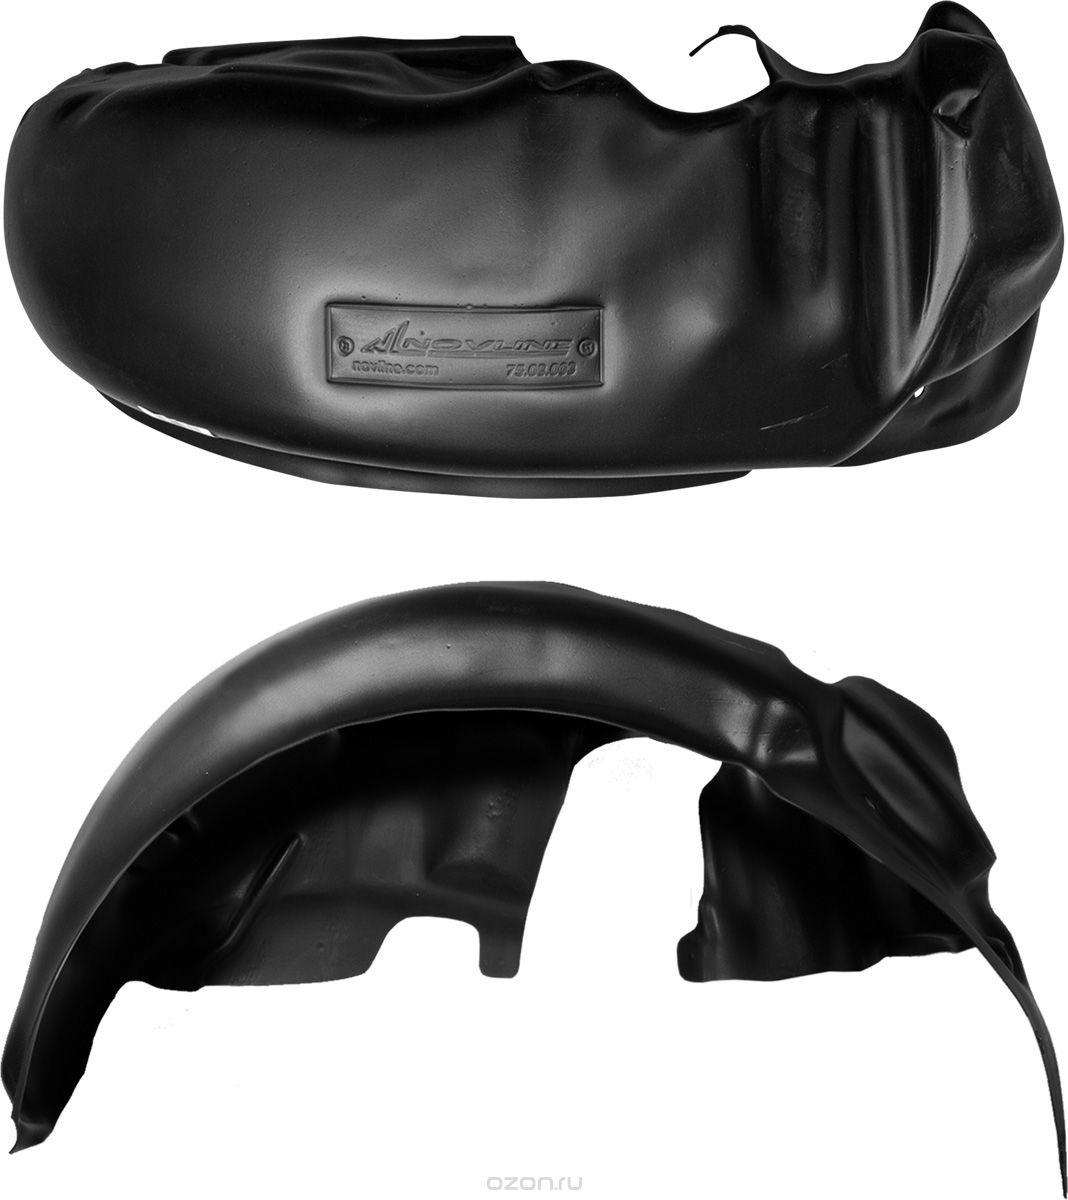 Подкрылок Novline-Autofamily, для Citroen Jumper, 2006-2014, 2014->, без/с расширителями арок, задний левыйNLL.10.22.003Идеальная защита колесной ниши. Локеры разработаны с применением цифровых технологий, гарантируют максимальную повторяемость поверхности арки. Изделия устанавливаются без нарушения лакокрасочного покрытия автомобиля, каждый подкрылок комплектуется крепежом. Уважаемые клиенты, обращаем ваше внимание, что фотографии на подкрылки универсальные и не отражают реальную форму изделия. При этом само изделие идет точно под размер указанного автомобиля.